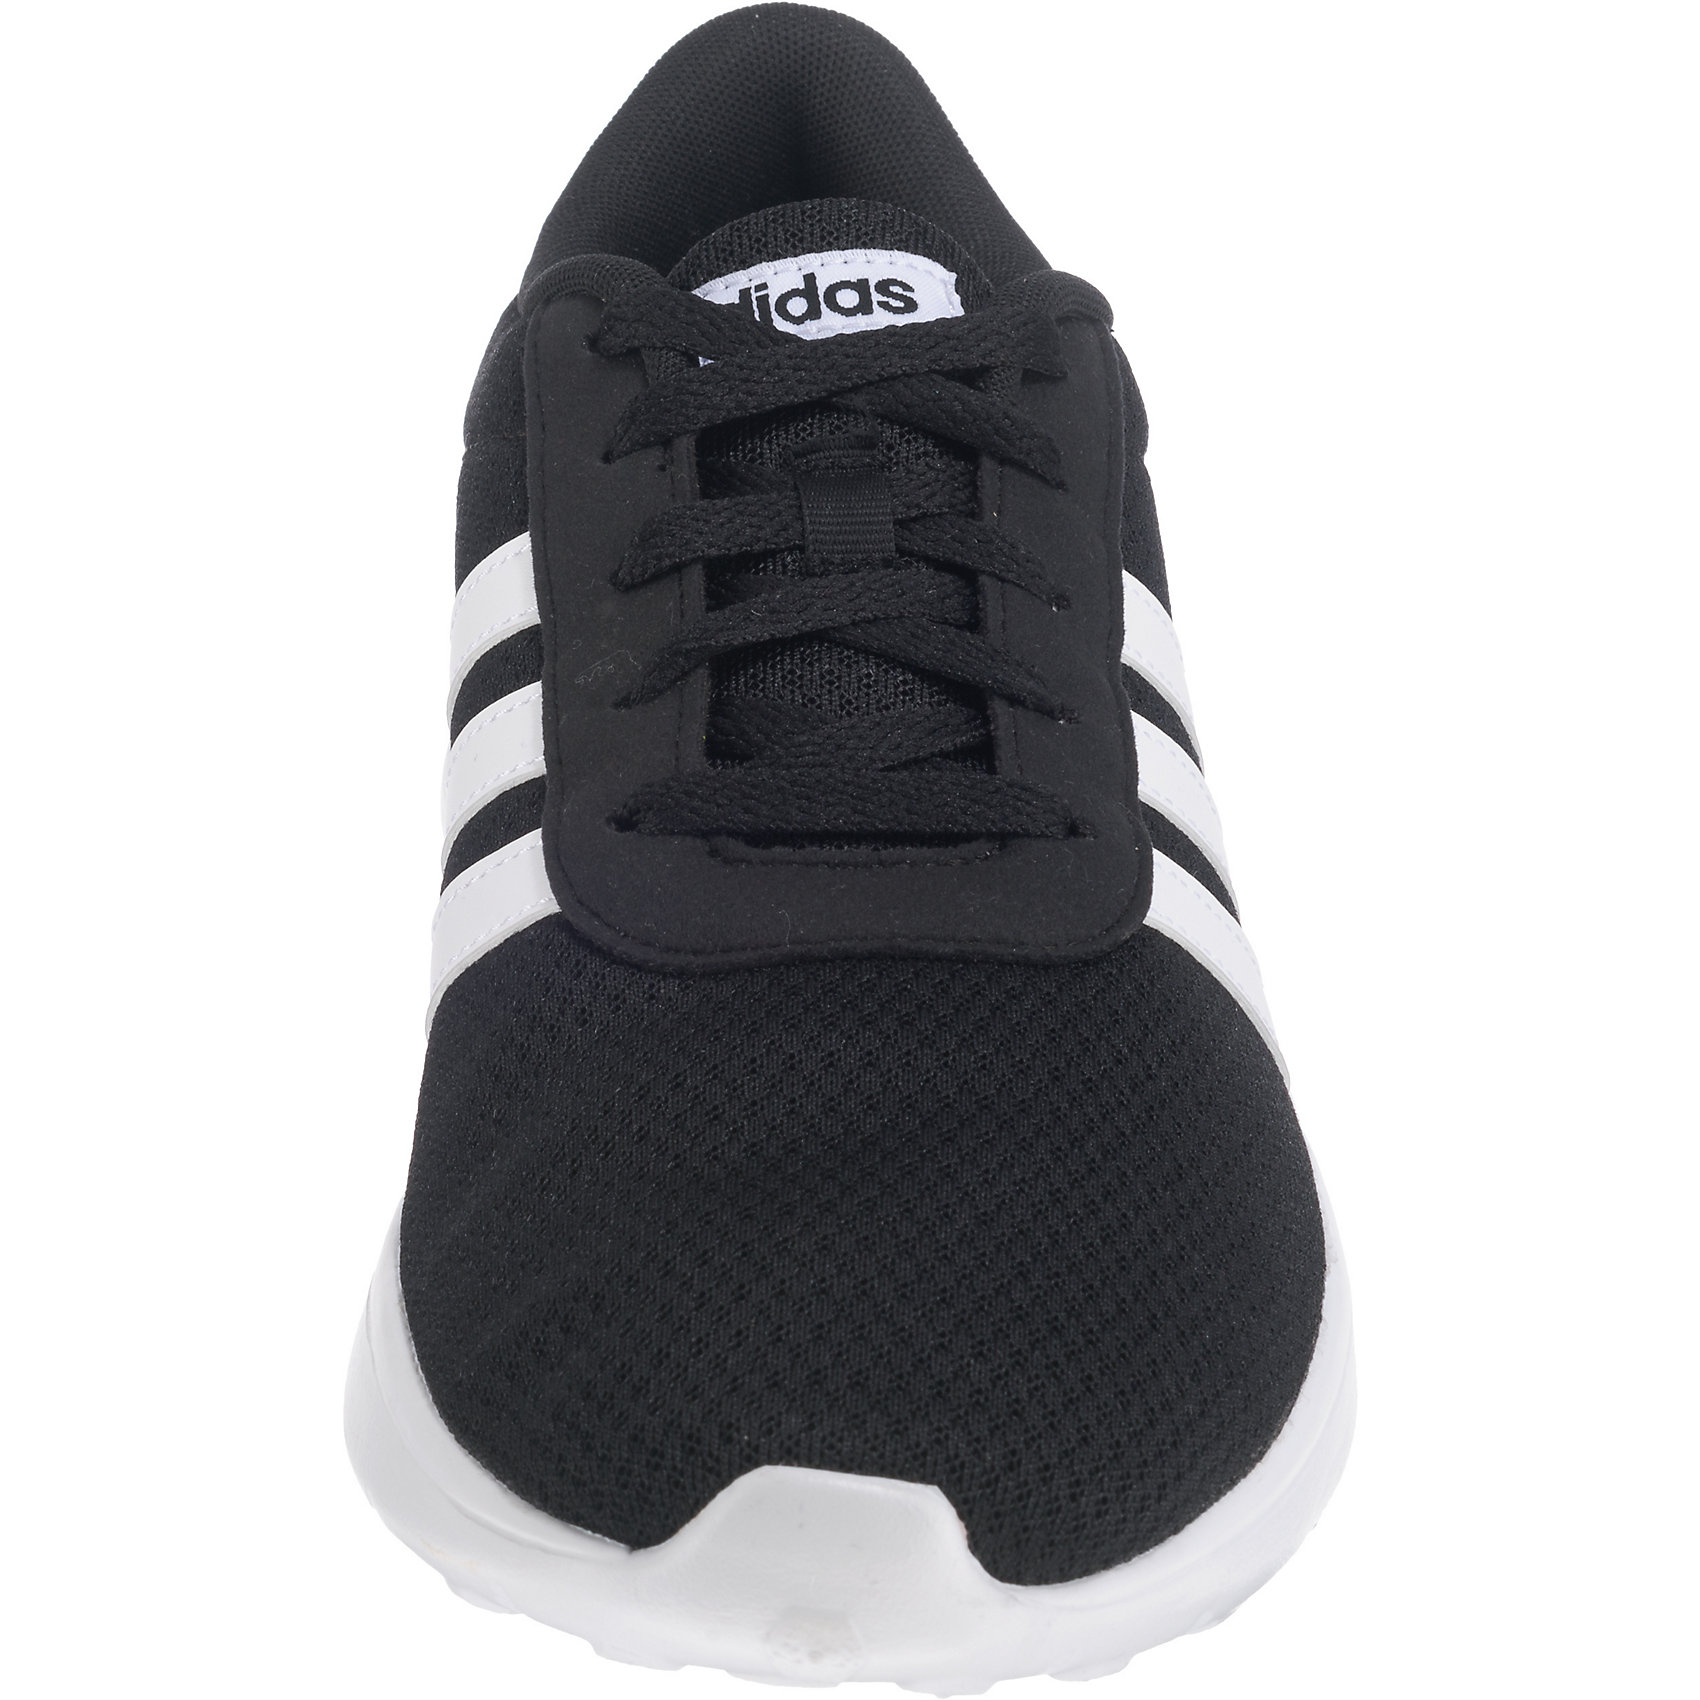 Neu adidas Sport Inspired Lite Racer Sneakers Low 7491061 für Herren